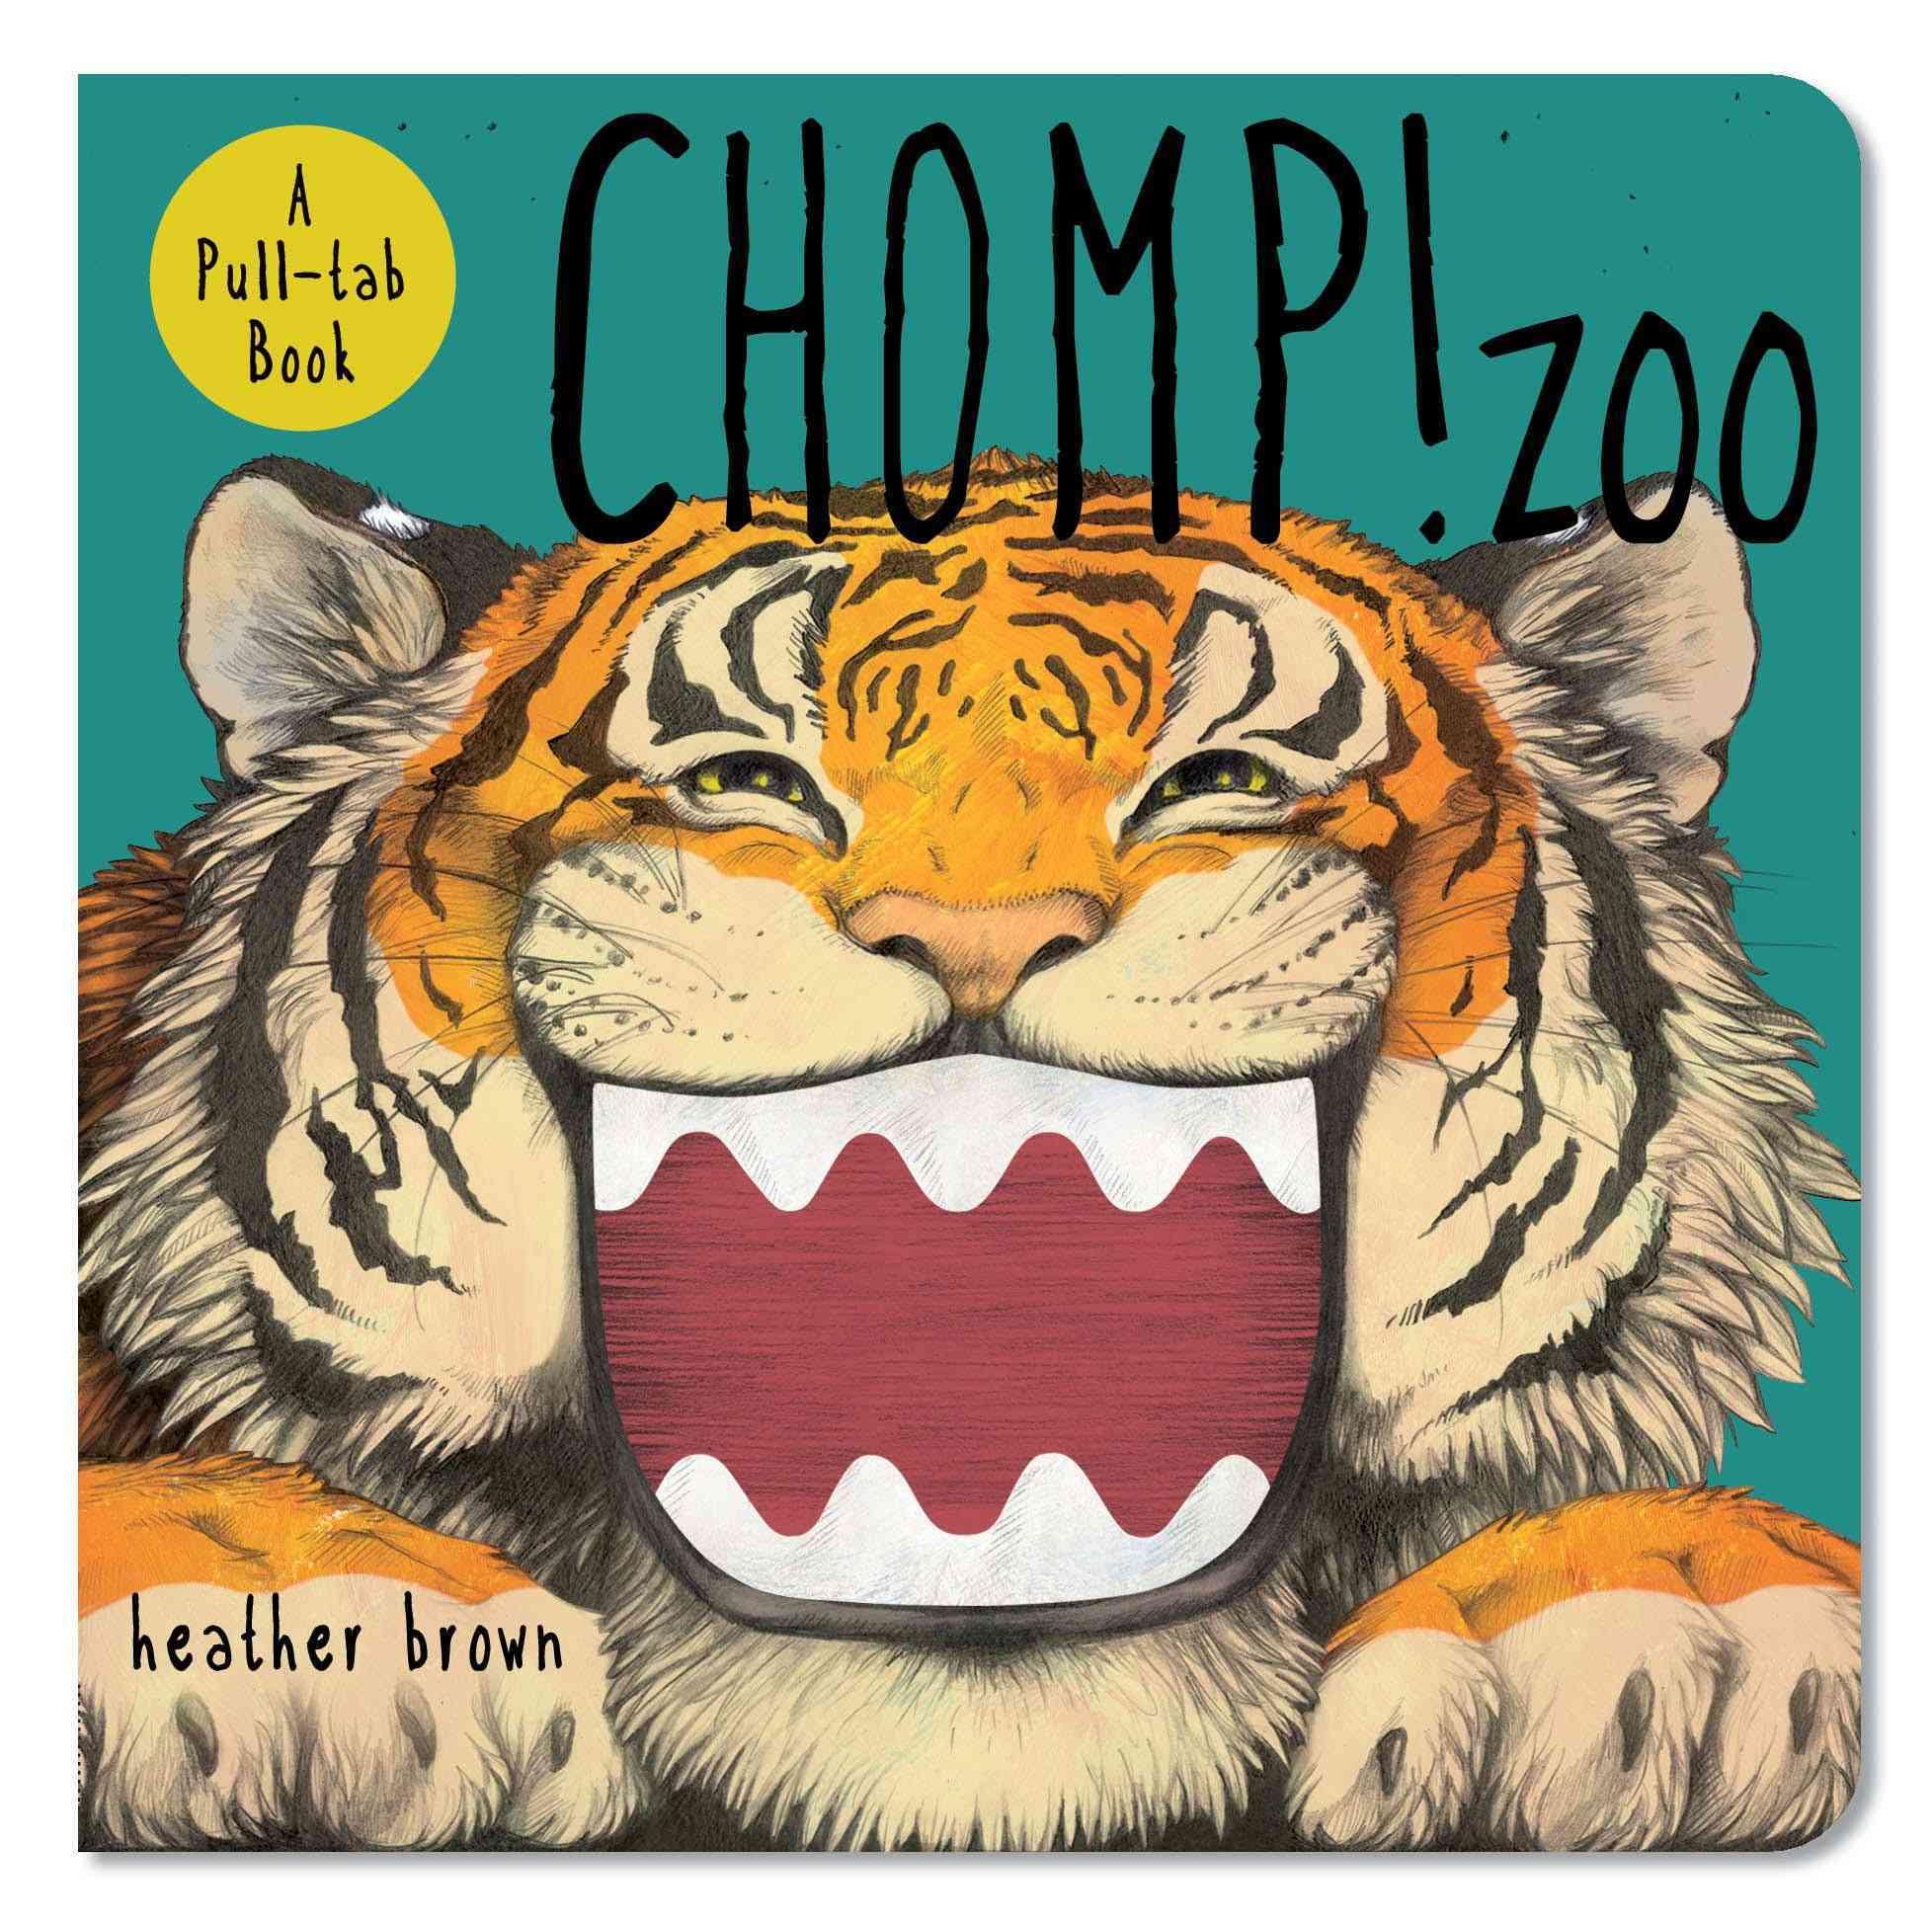 Chomp! Zoo: A Pull-Tab Book (Board book)